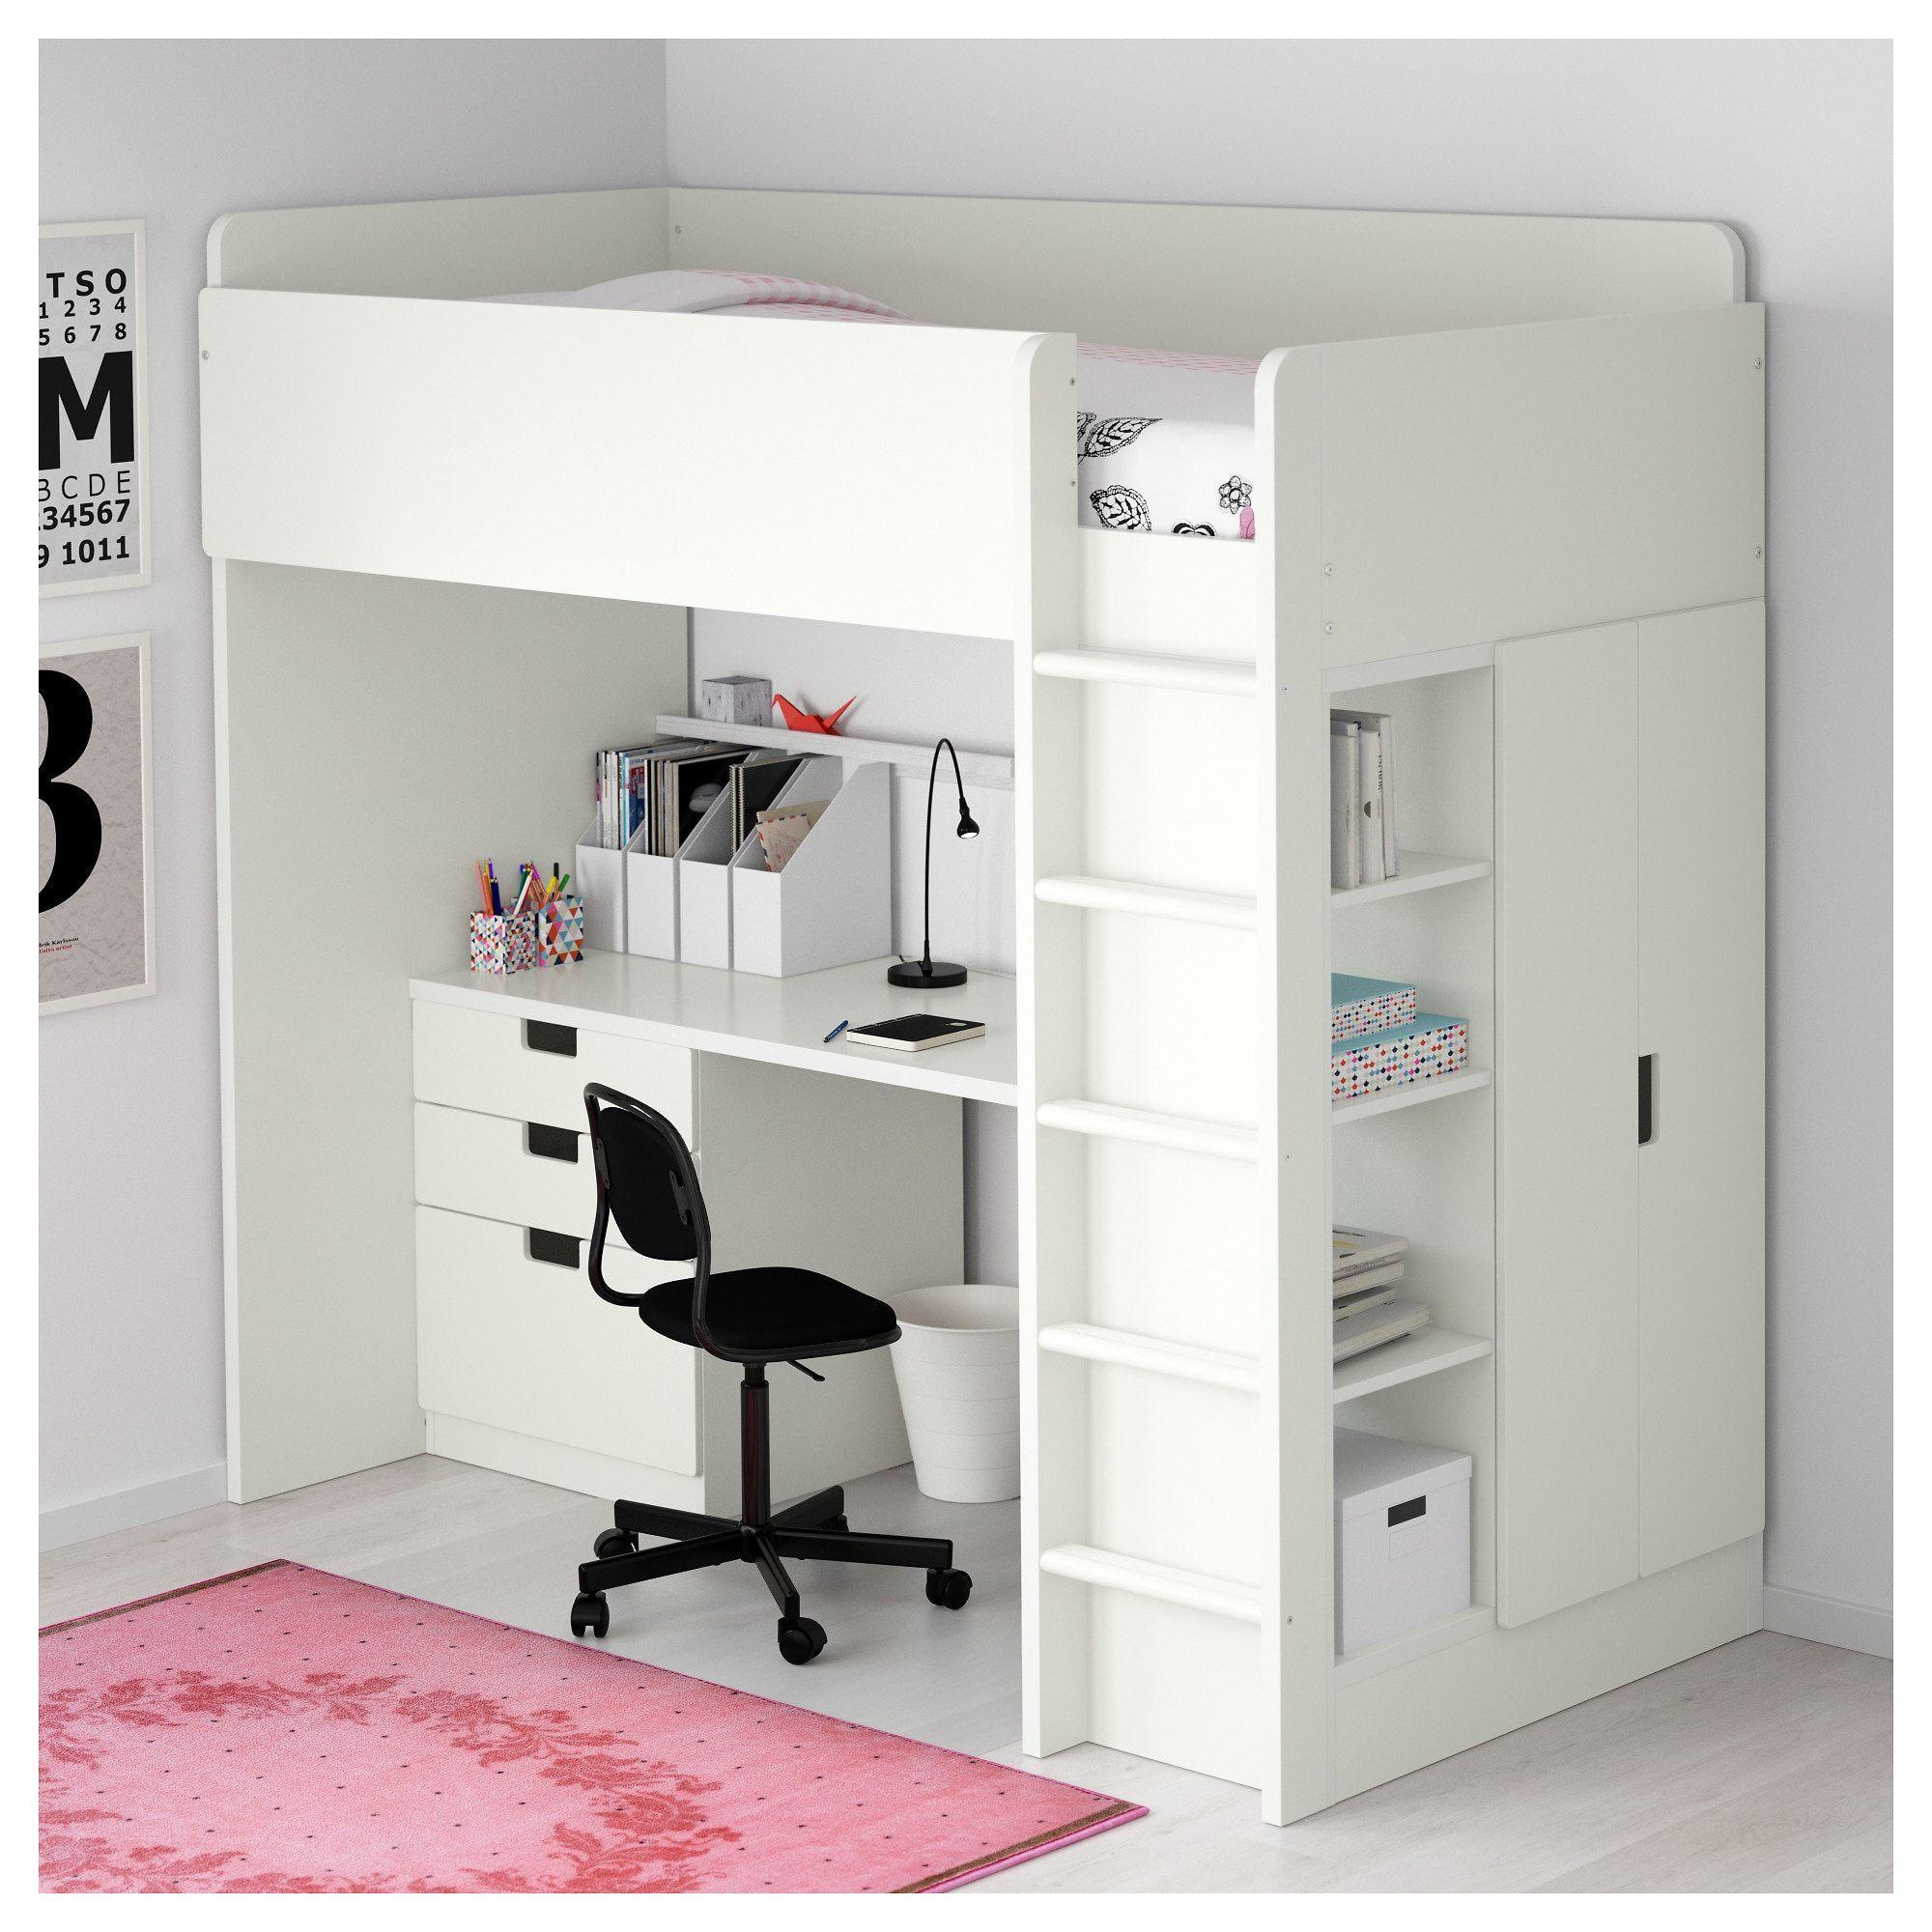 Lit En Fer forgé Ikea Charmant Lit Biné Mezzanine Bureau Armoire élégant Bureau Fer forgé Ikea